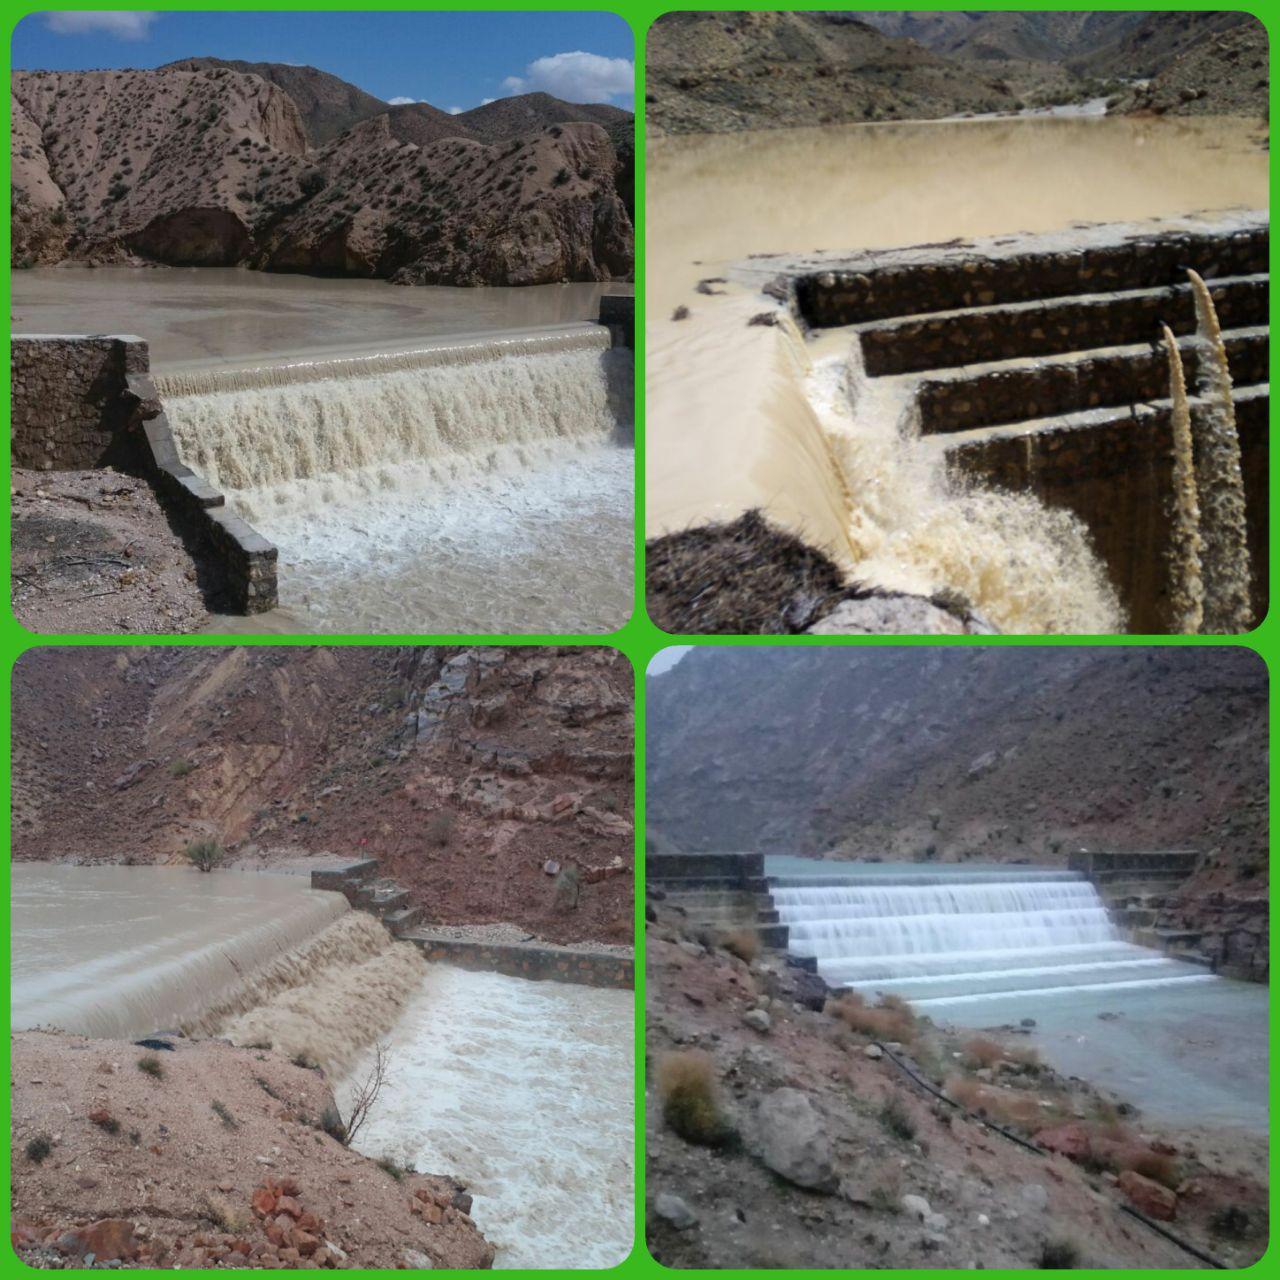 ذخیره سازی بیش از 4 میلیون مترمکعب آب در سازه های آبخیزداری طبس